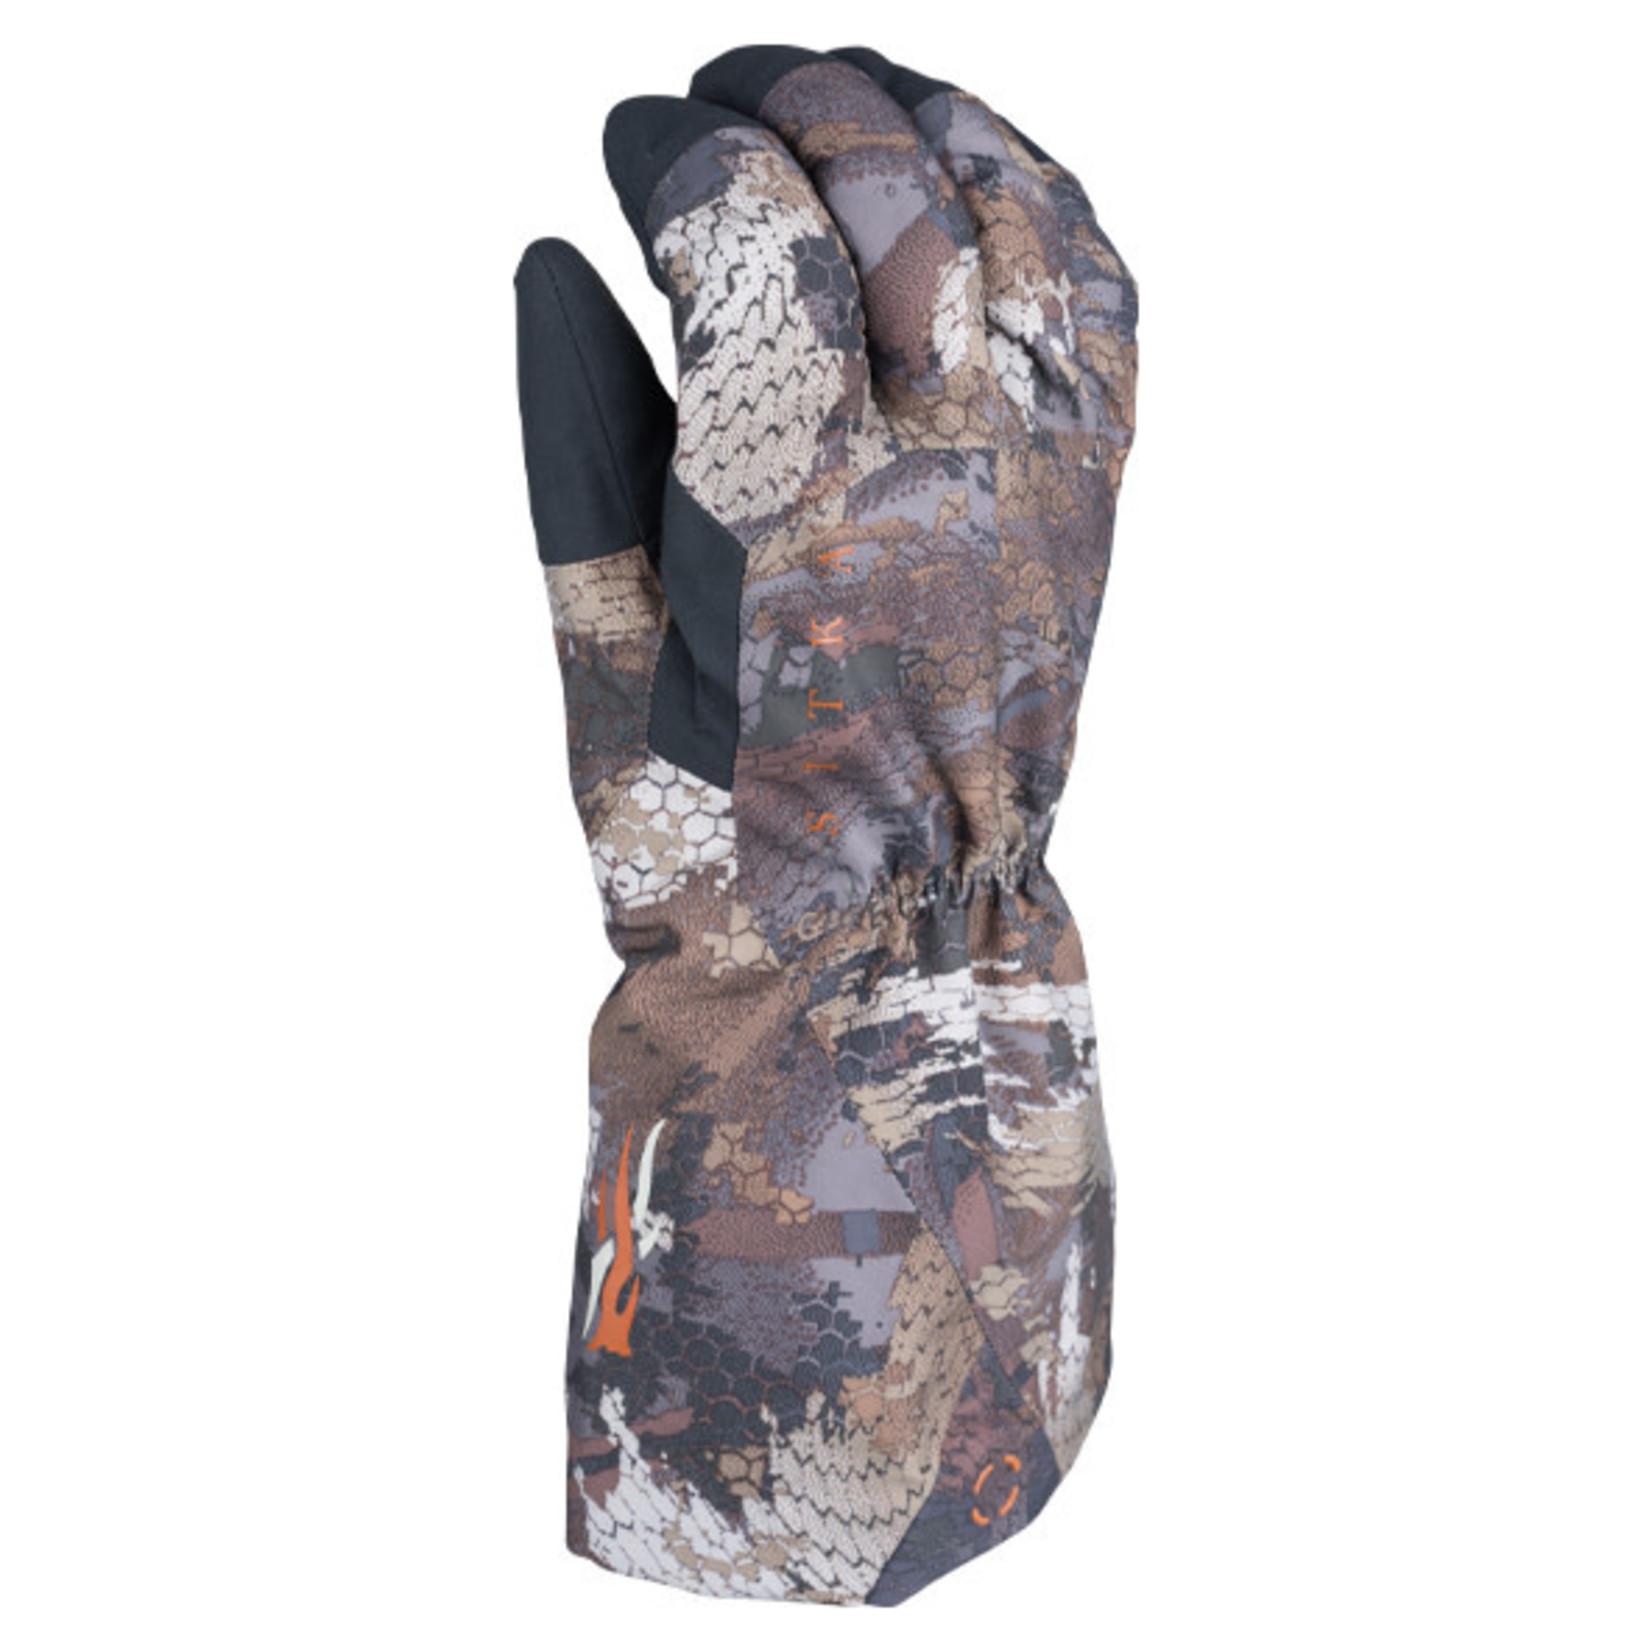 Sitka Gear Delta Deek GTX Glove Timber